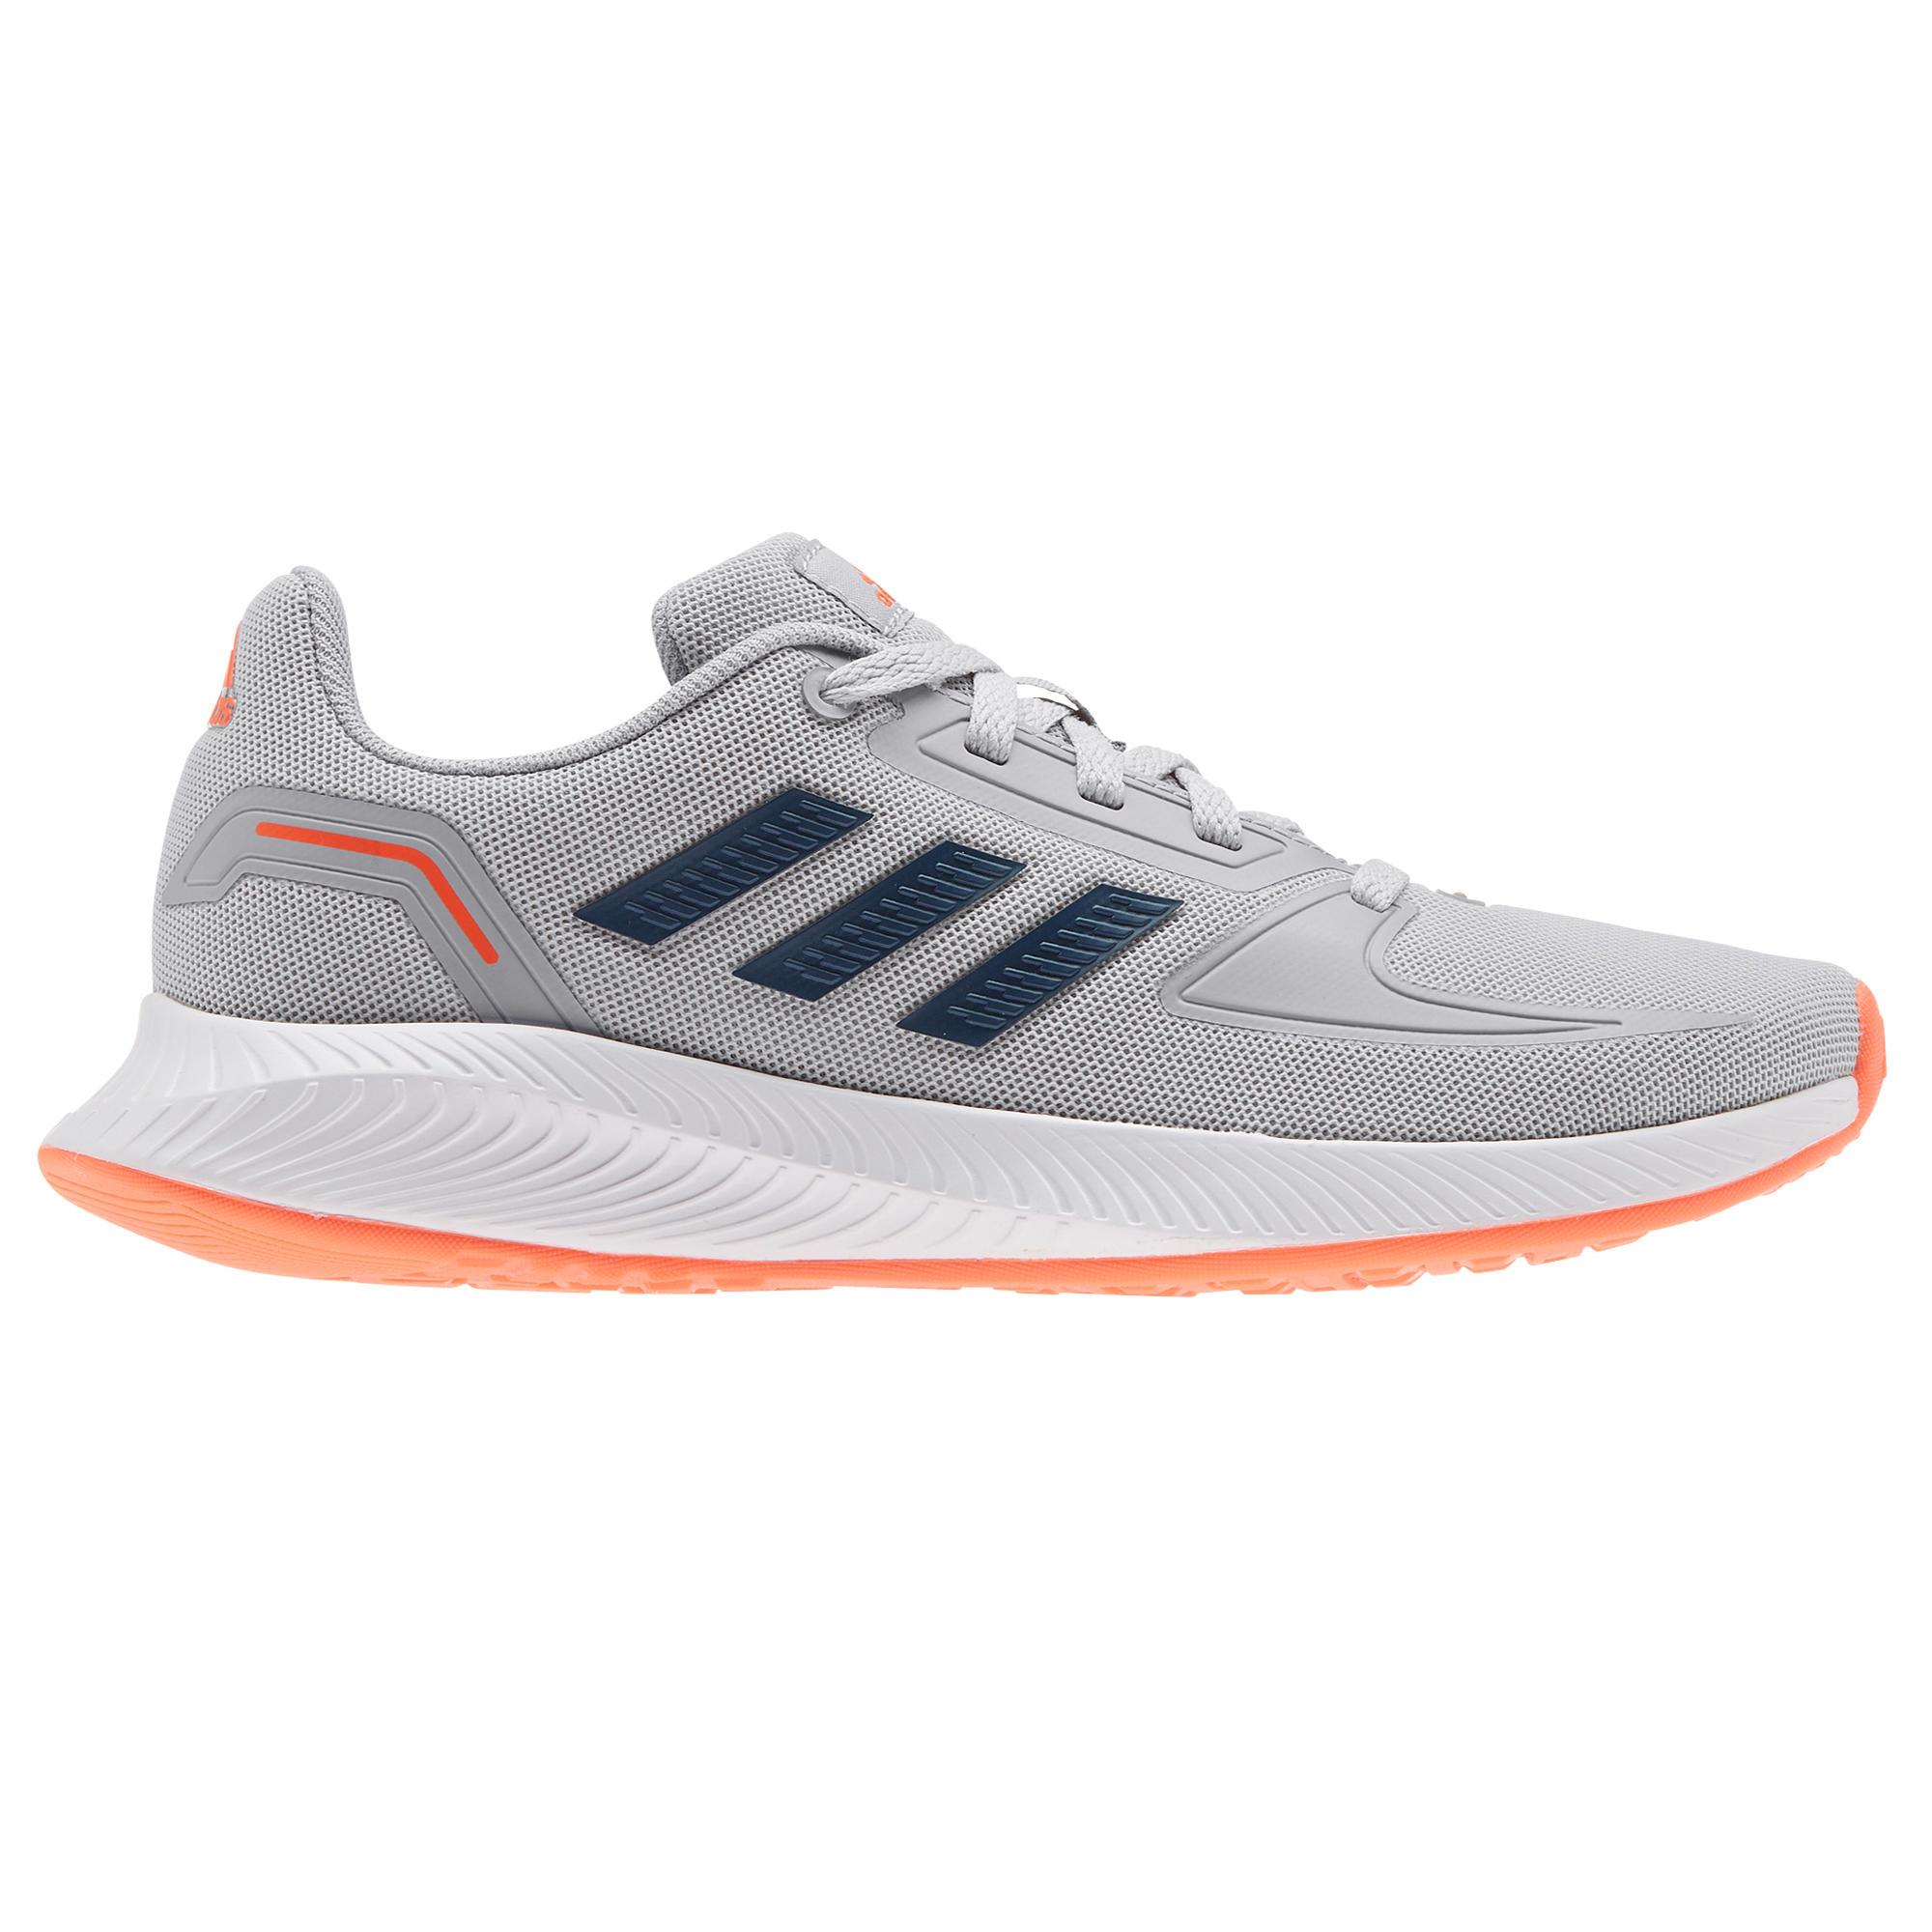 Încălțăminte Adidas Falcon imagine